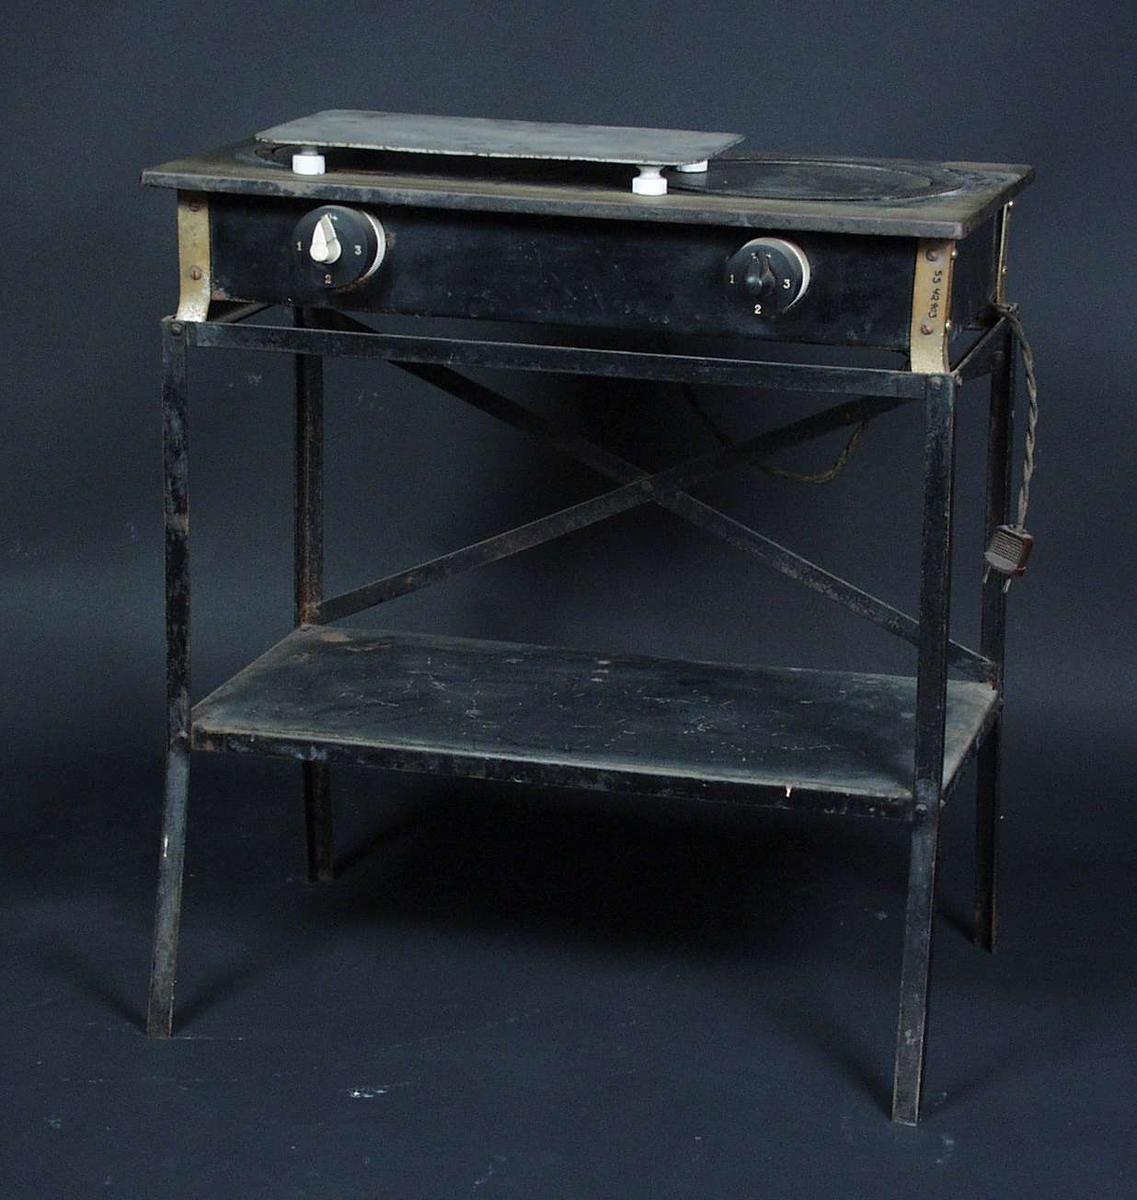 En liten komfyr med bare to kokeplater og en hylle under platene. Komfyren har fire ben.